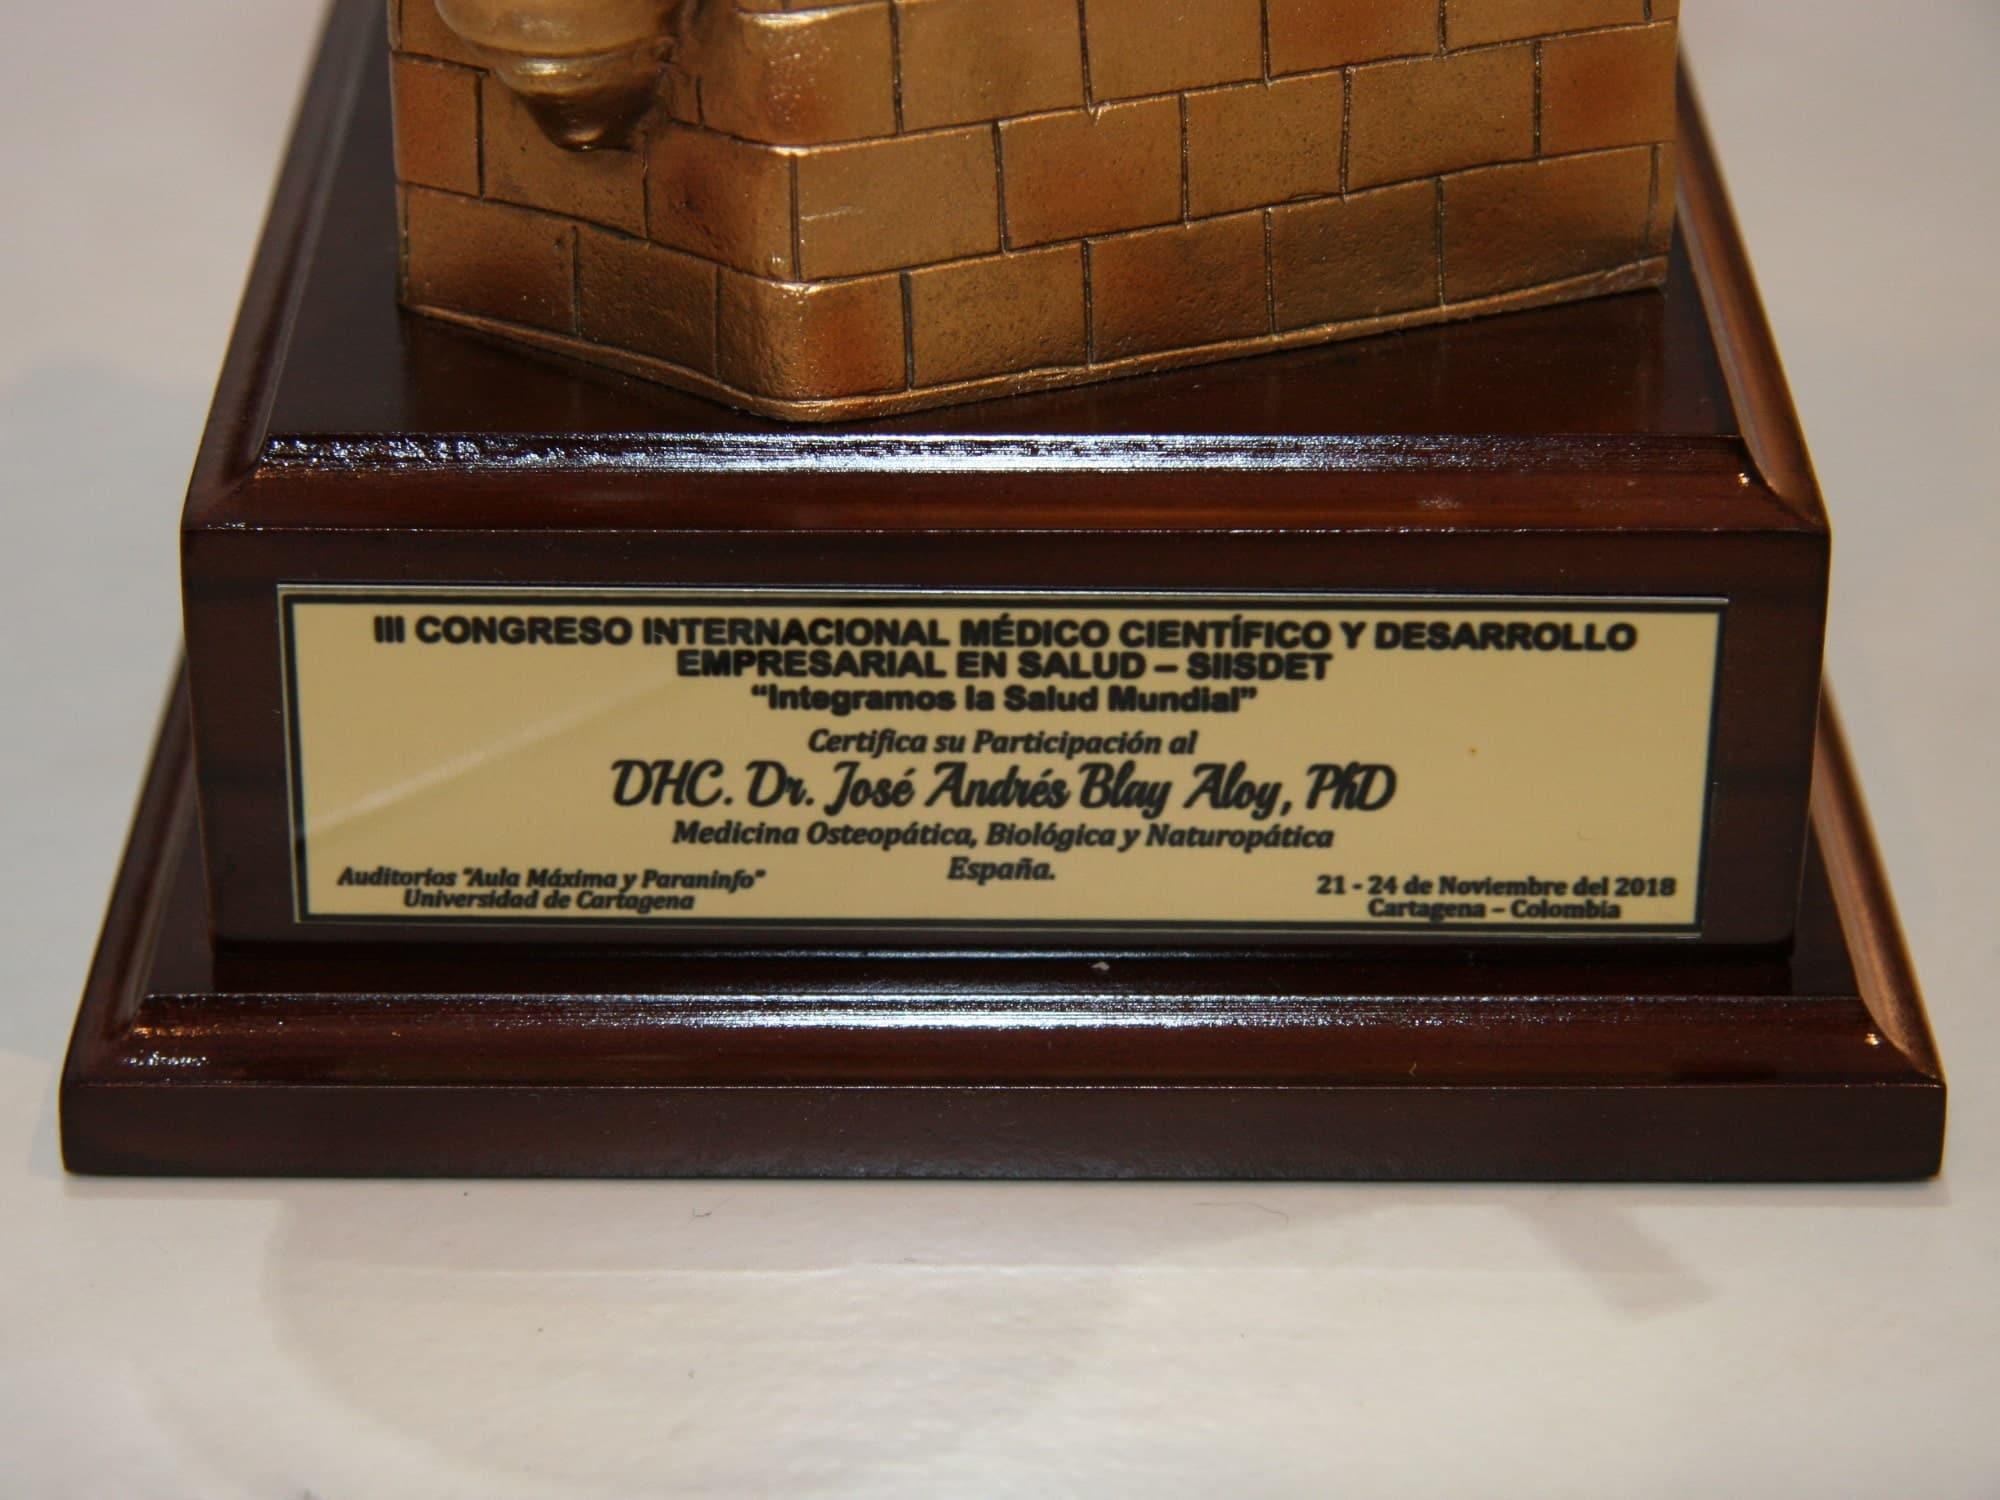 III Congreso Internacional Medico Cientifico y desarrollo empresarial en salud SIISDET Jose Andres Blay Aloy